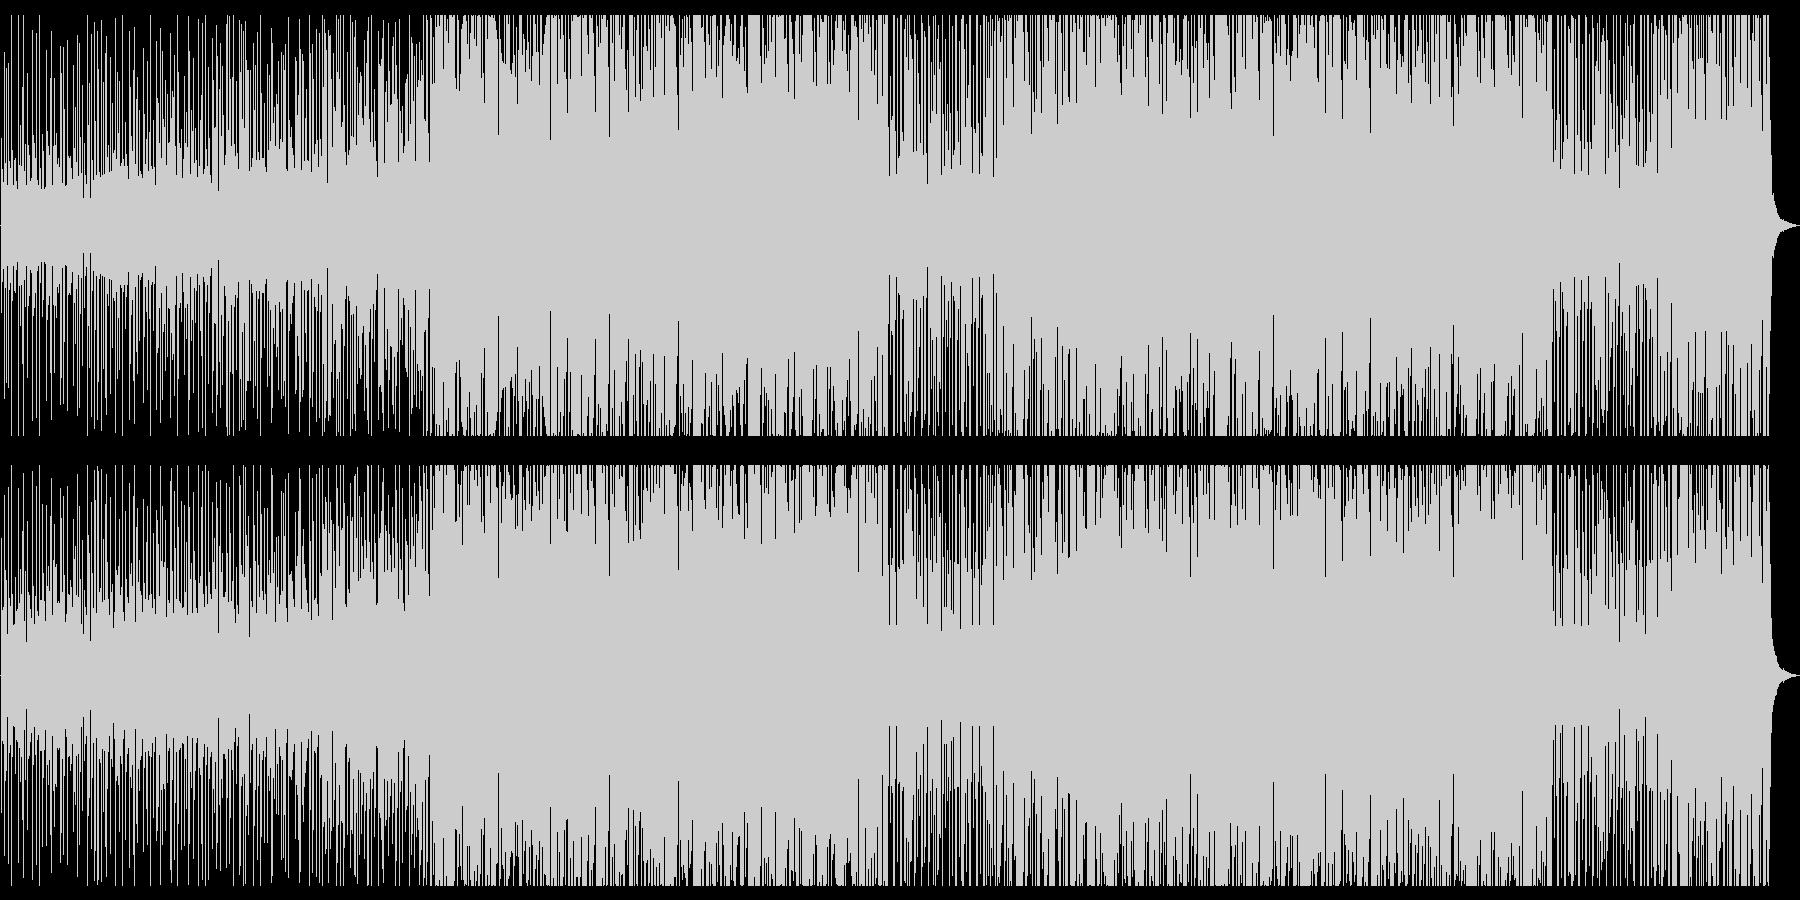 スペインをイメージしたマリアッチ風EDMの未再生の波形